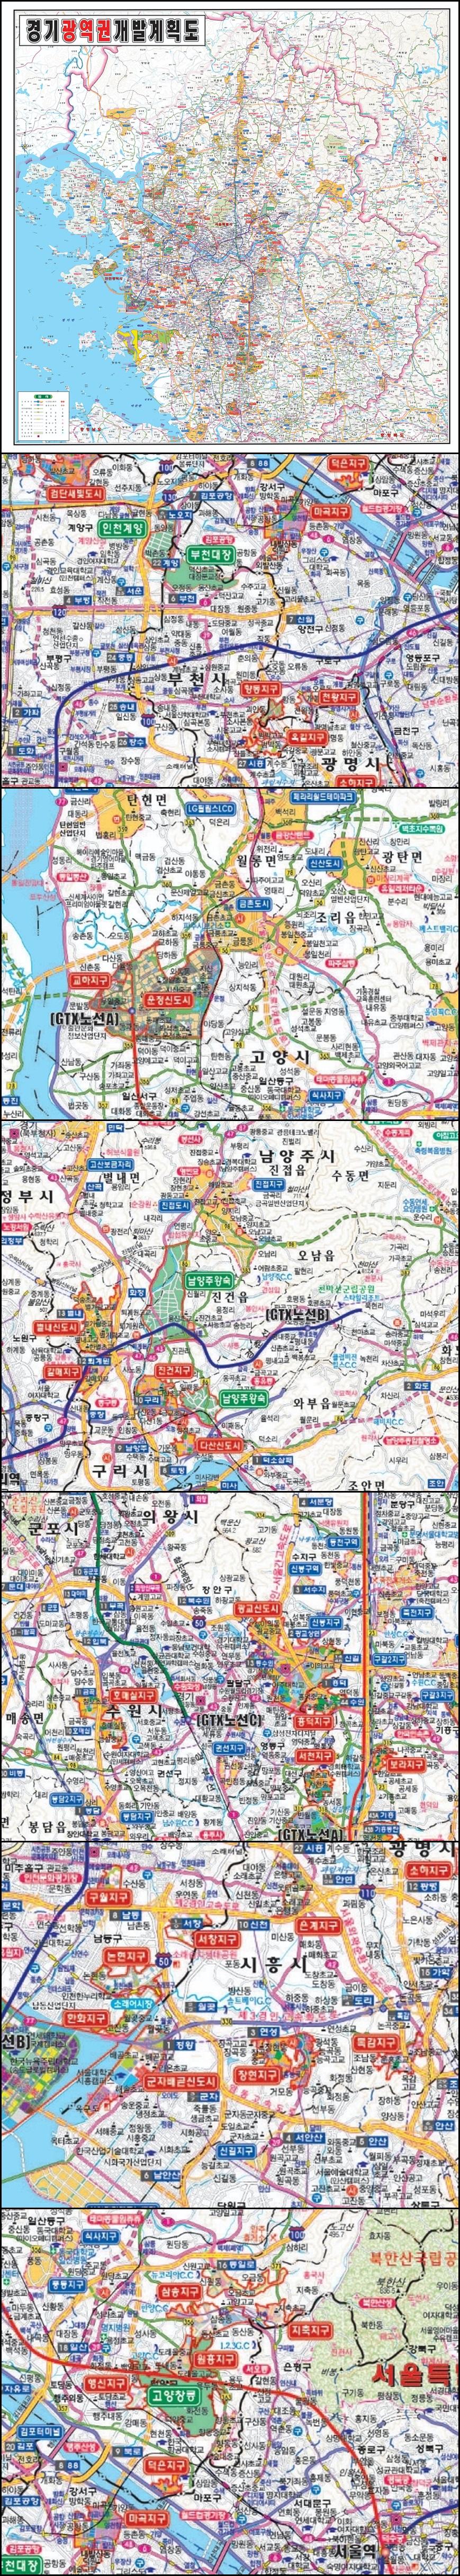 2019 경기광역권개발도(마을명삭제)_resized-vert.jpg